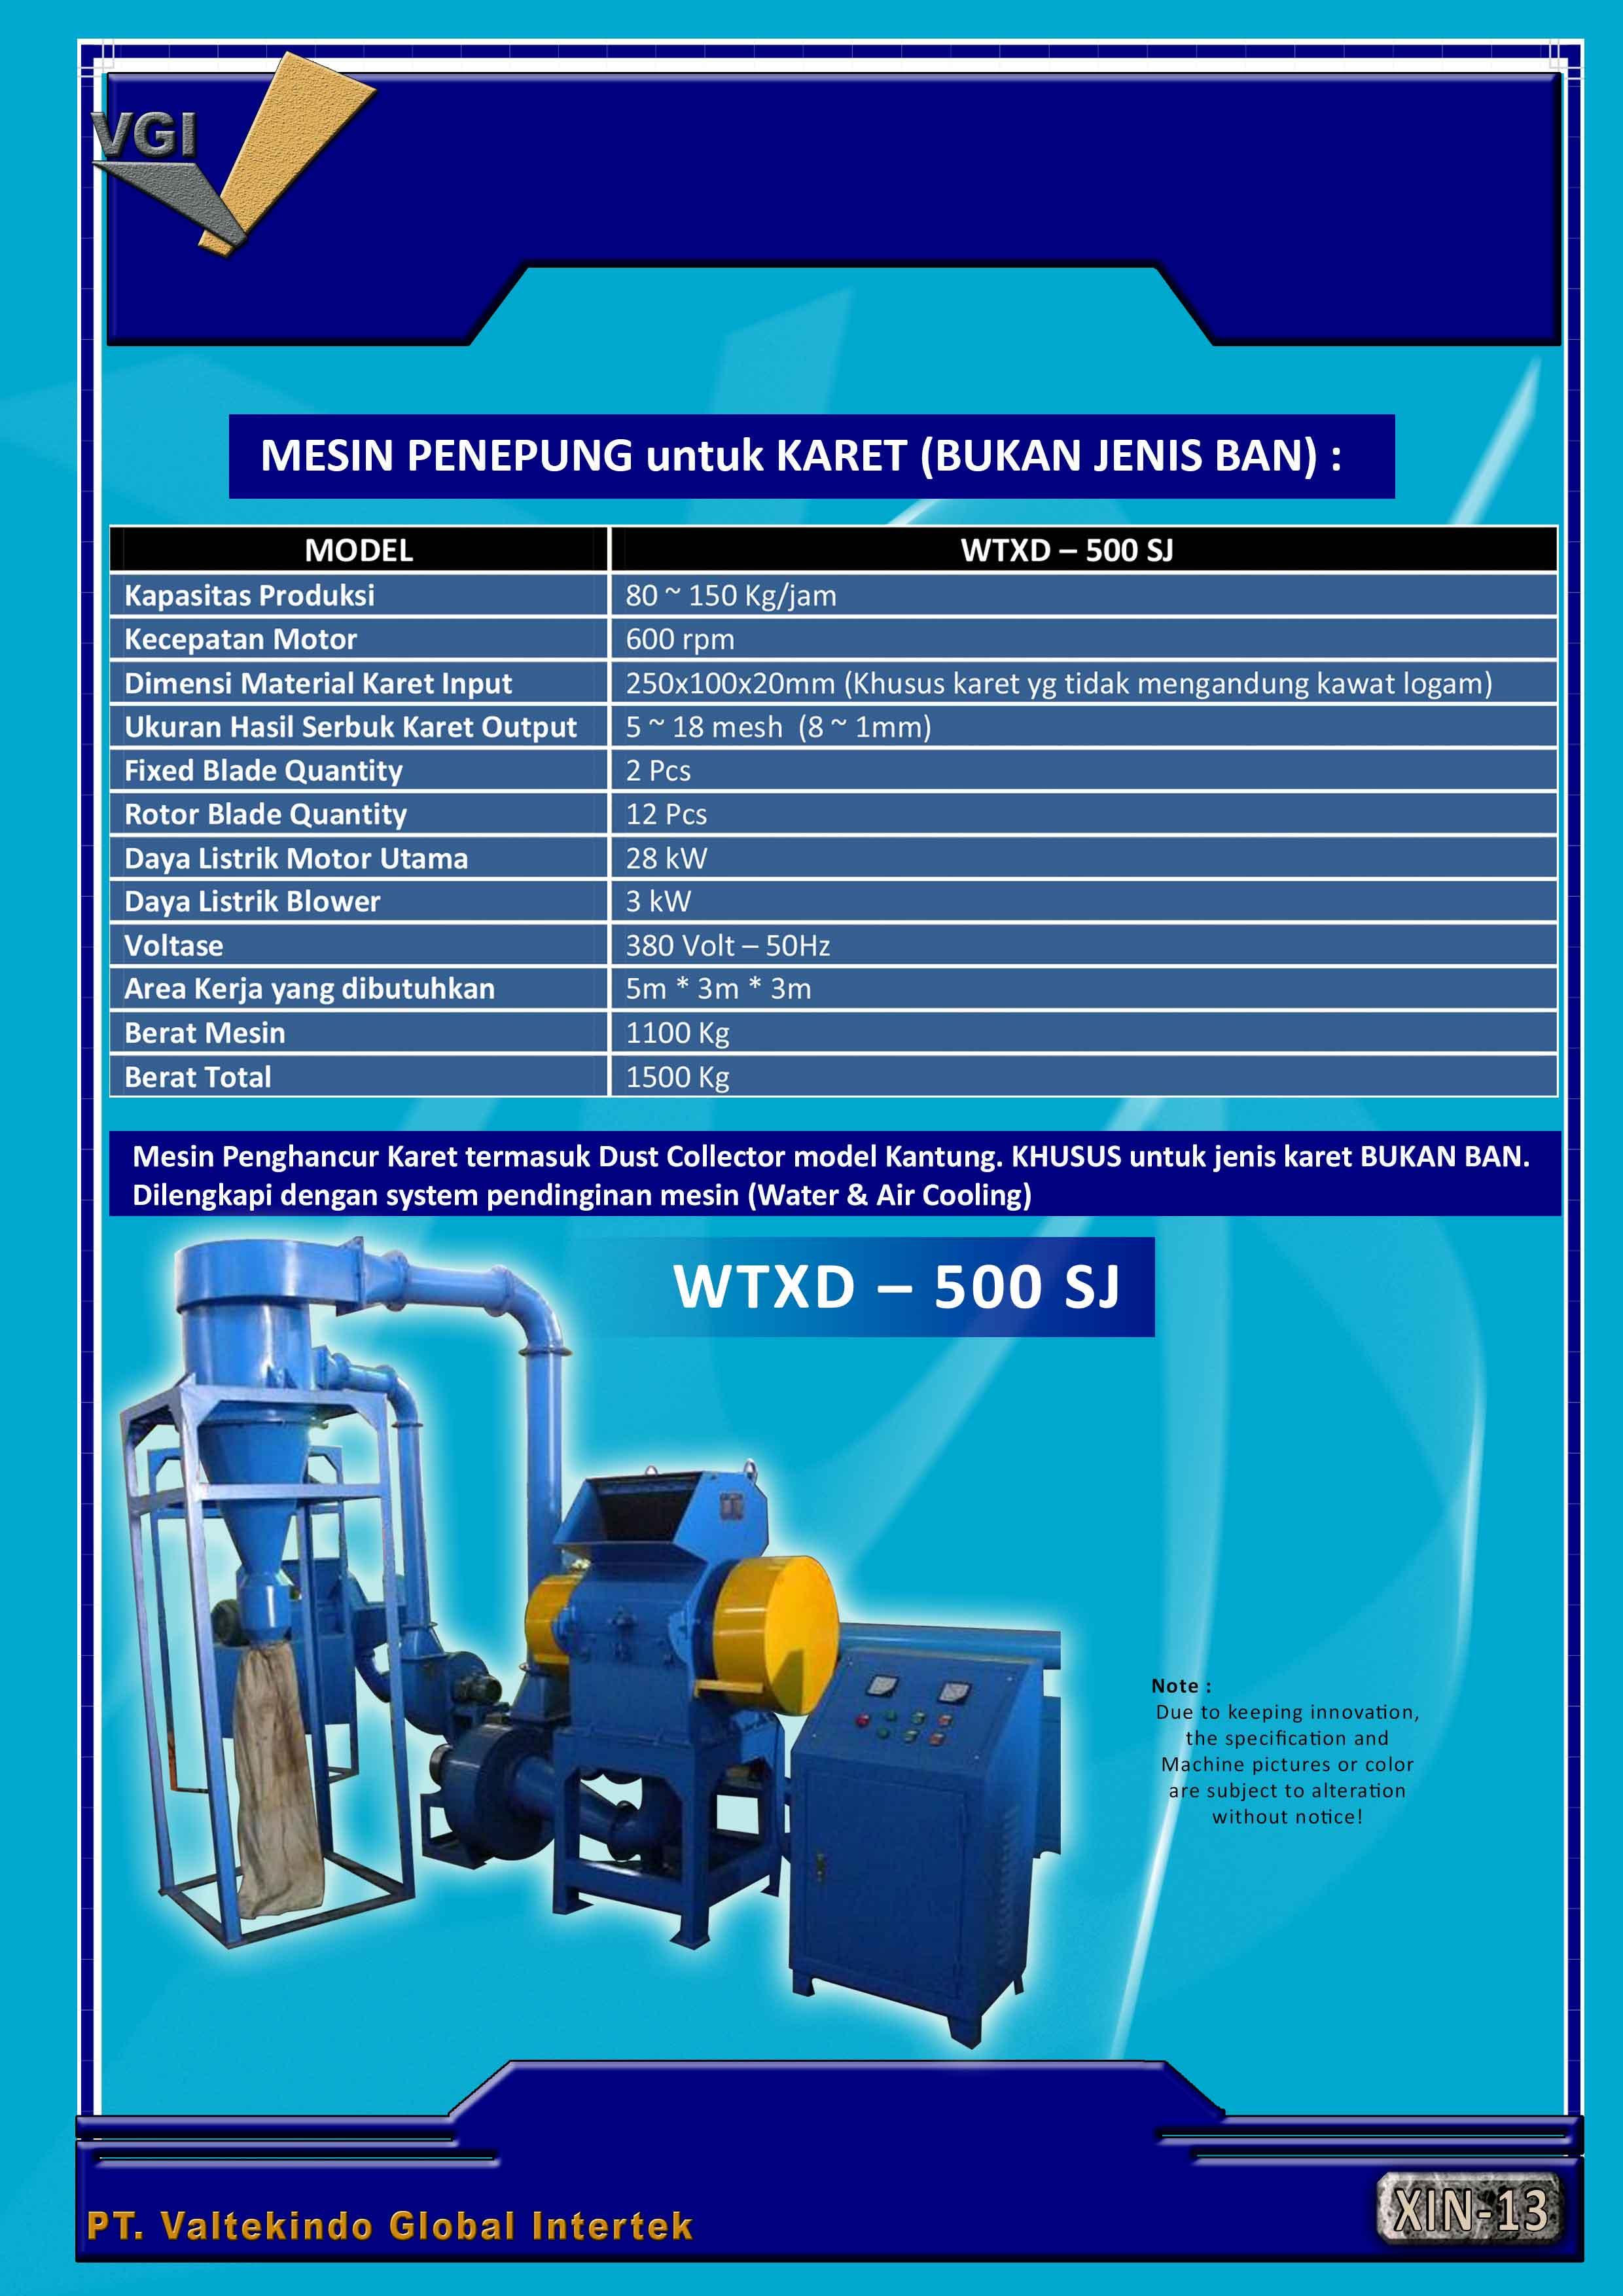 jual mesin, harga mesin, distributor mesin, jual mesin karet, daur ulang plastik Mesin Penepung Karet (Bukan Jenis Ban) Mesin Penepung Karet (Bukan Jenis Ban)